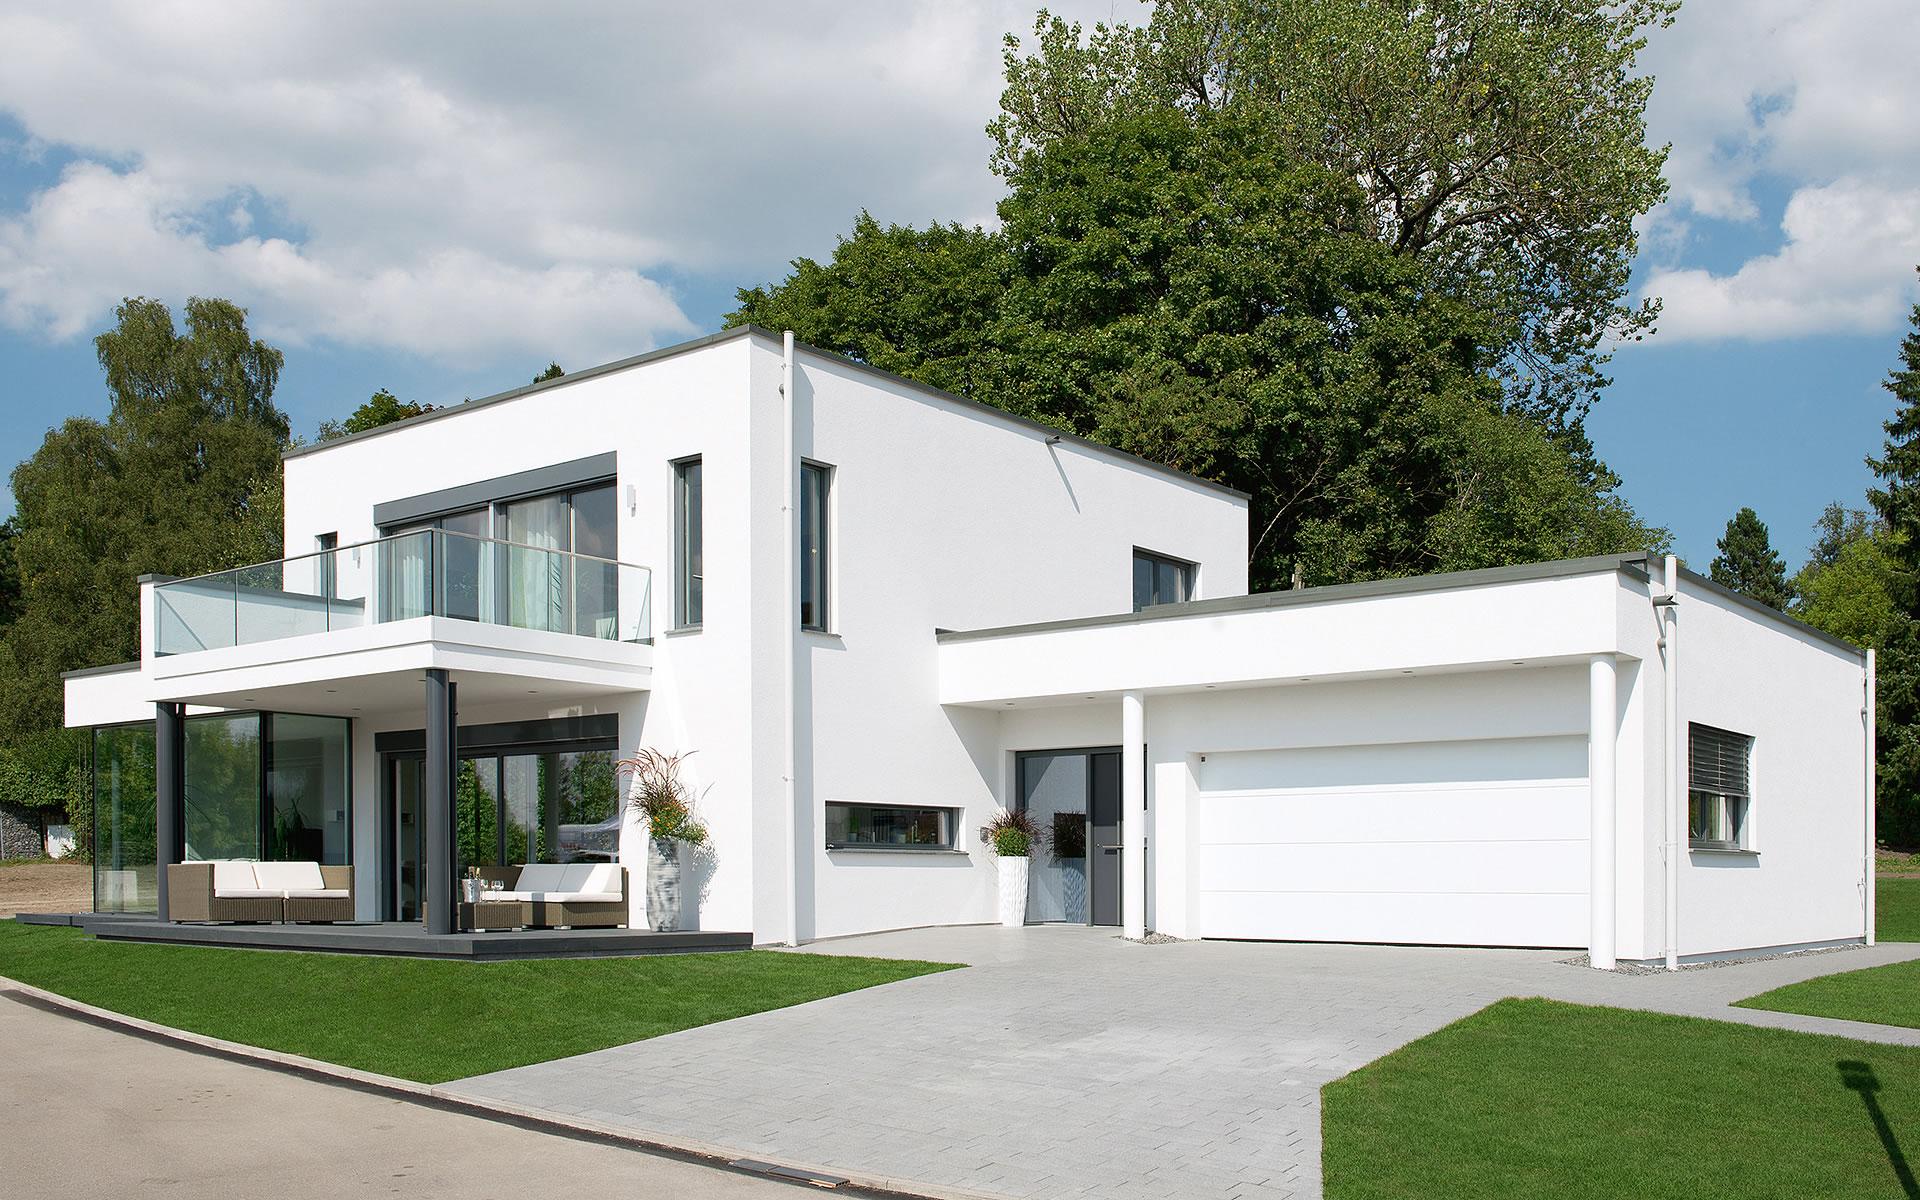 Ausstellungshaus Villingen- Schwenningen von WeberHaus GmbH & Co. KG